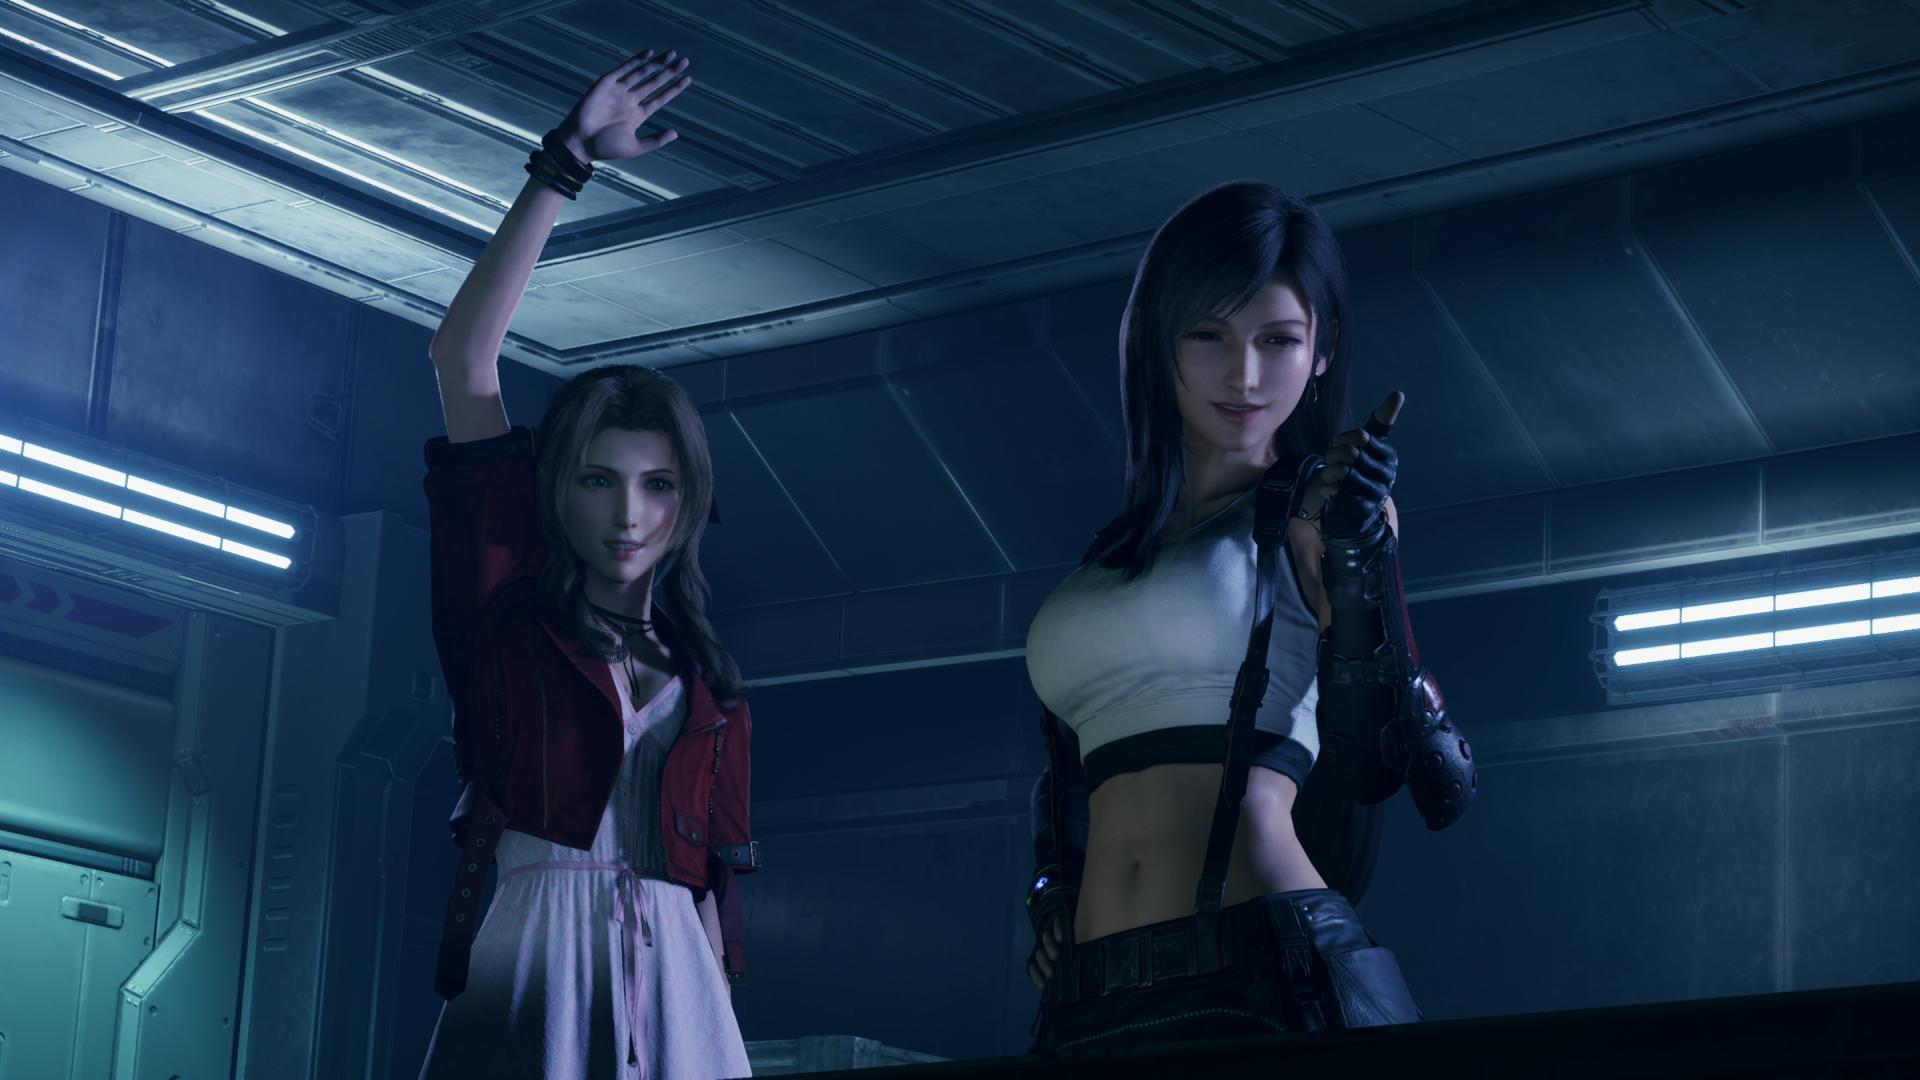 파이널판타지7 리메이크 플레이 후기 (FINAL FANTASY VII REMAKE Play Review)